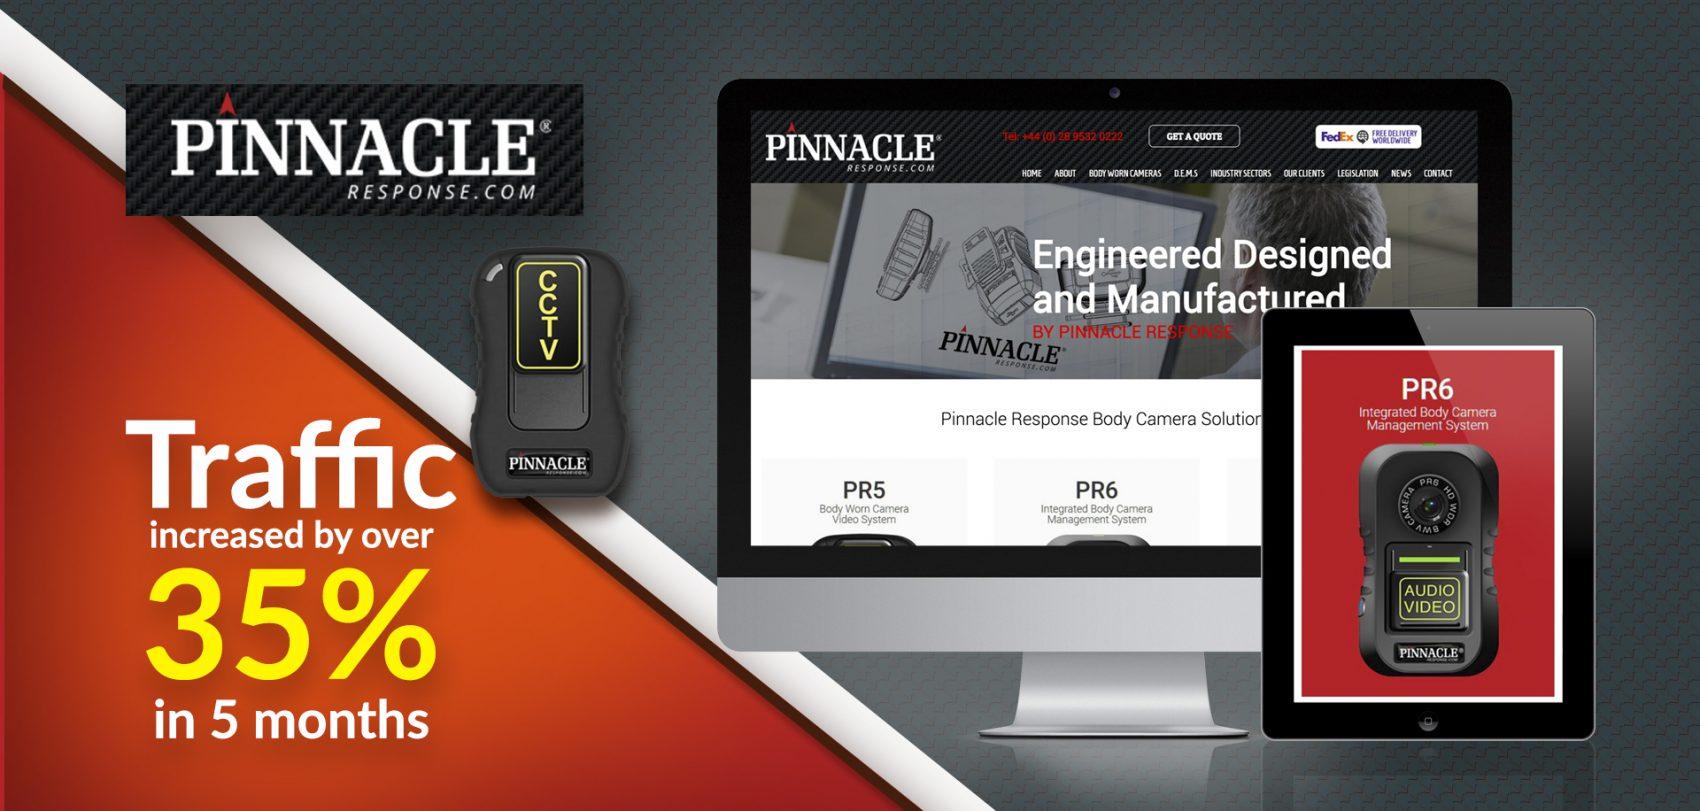 Pinnacle Response seo results